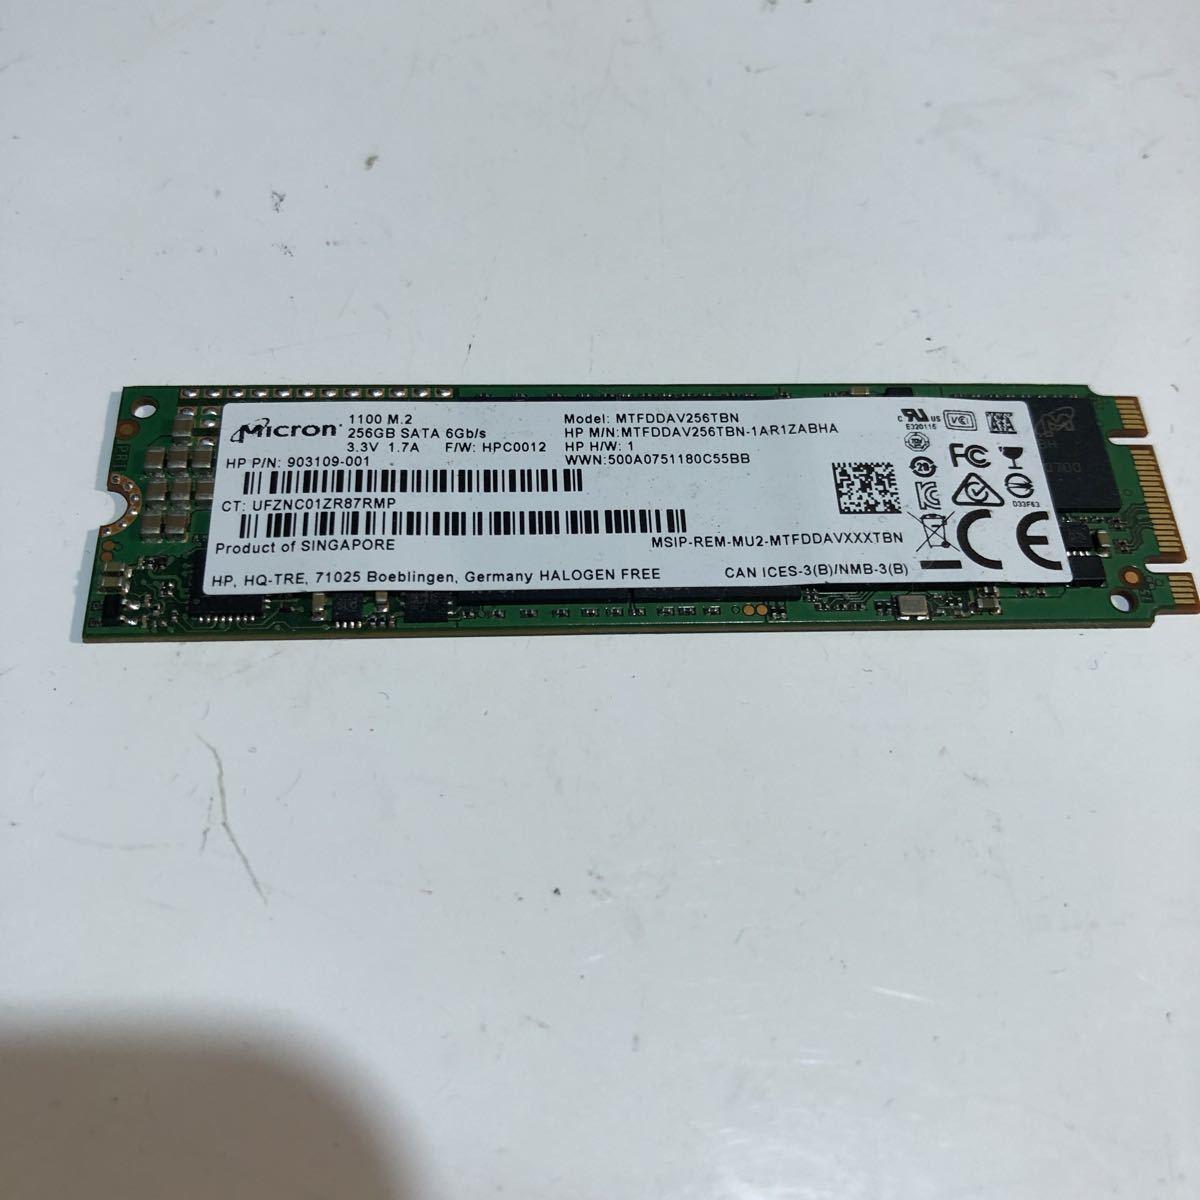 CC1-S28 1100 M.2 SSD 256GB Micron1100 M2 MTFDDAV256TBN M.2 状態正常 使用時間:未確認